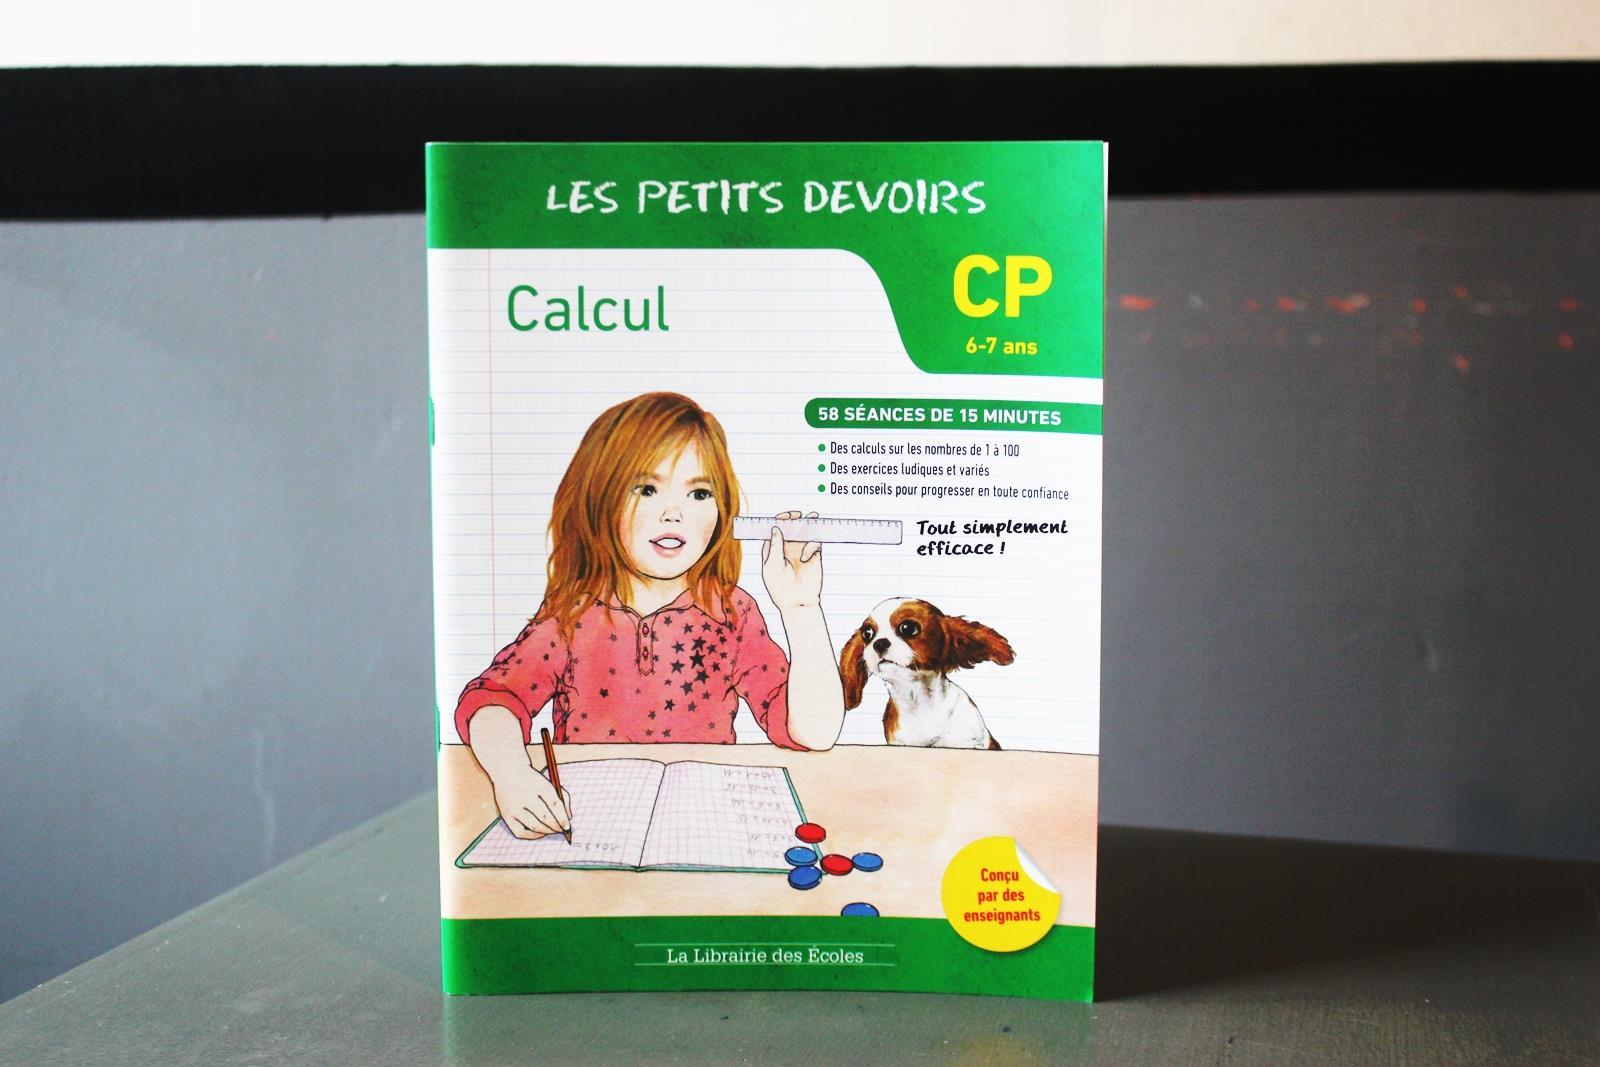 Les petits devoirs cp librairie ecoles avis 4